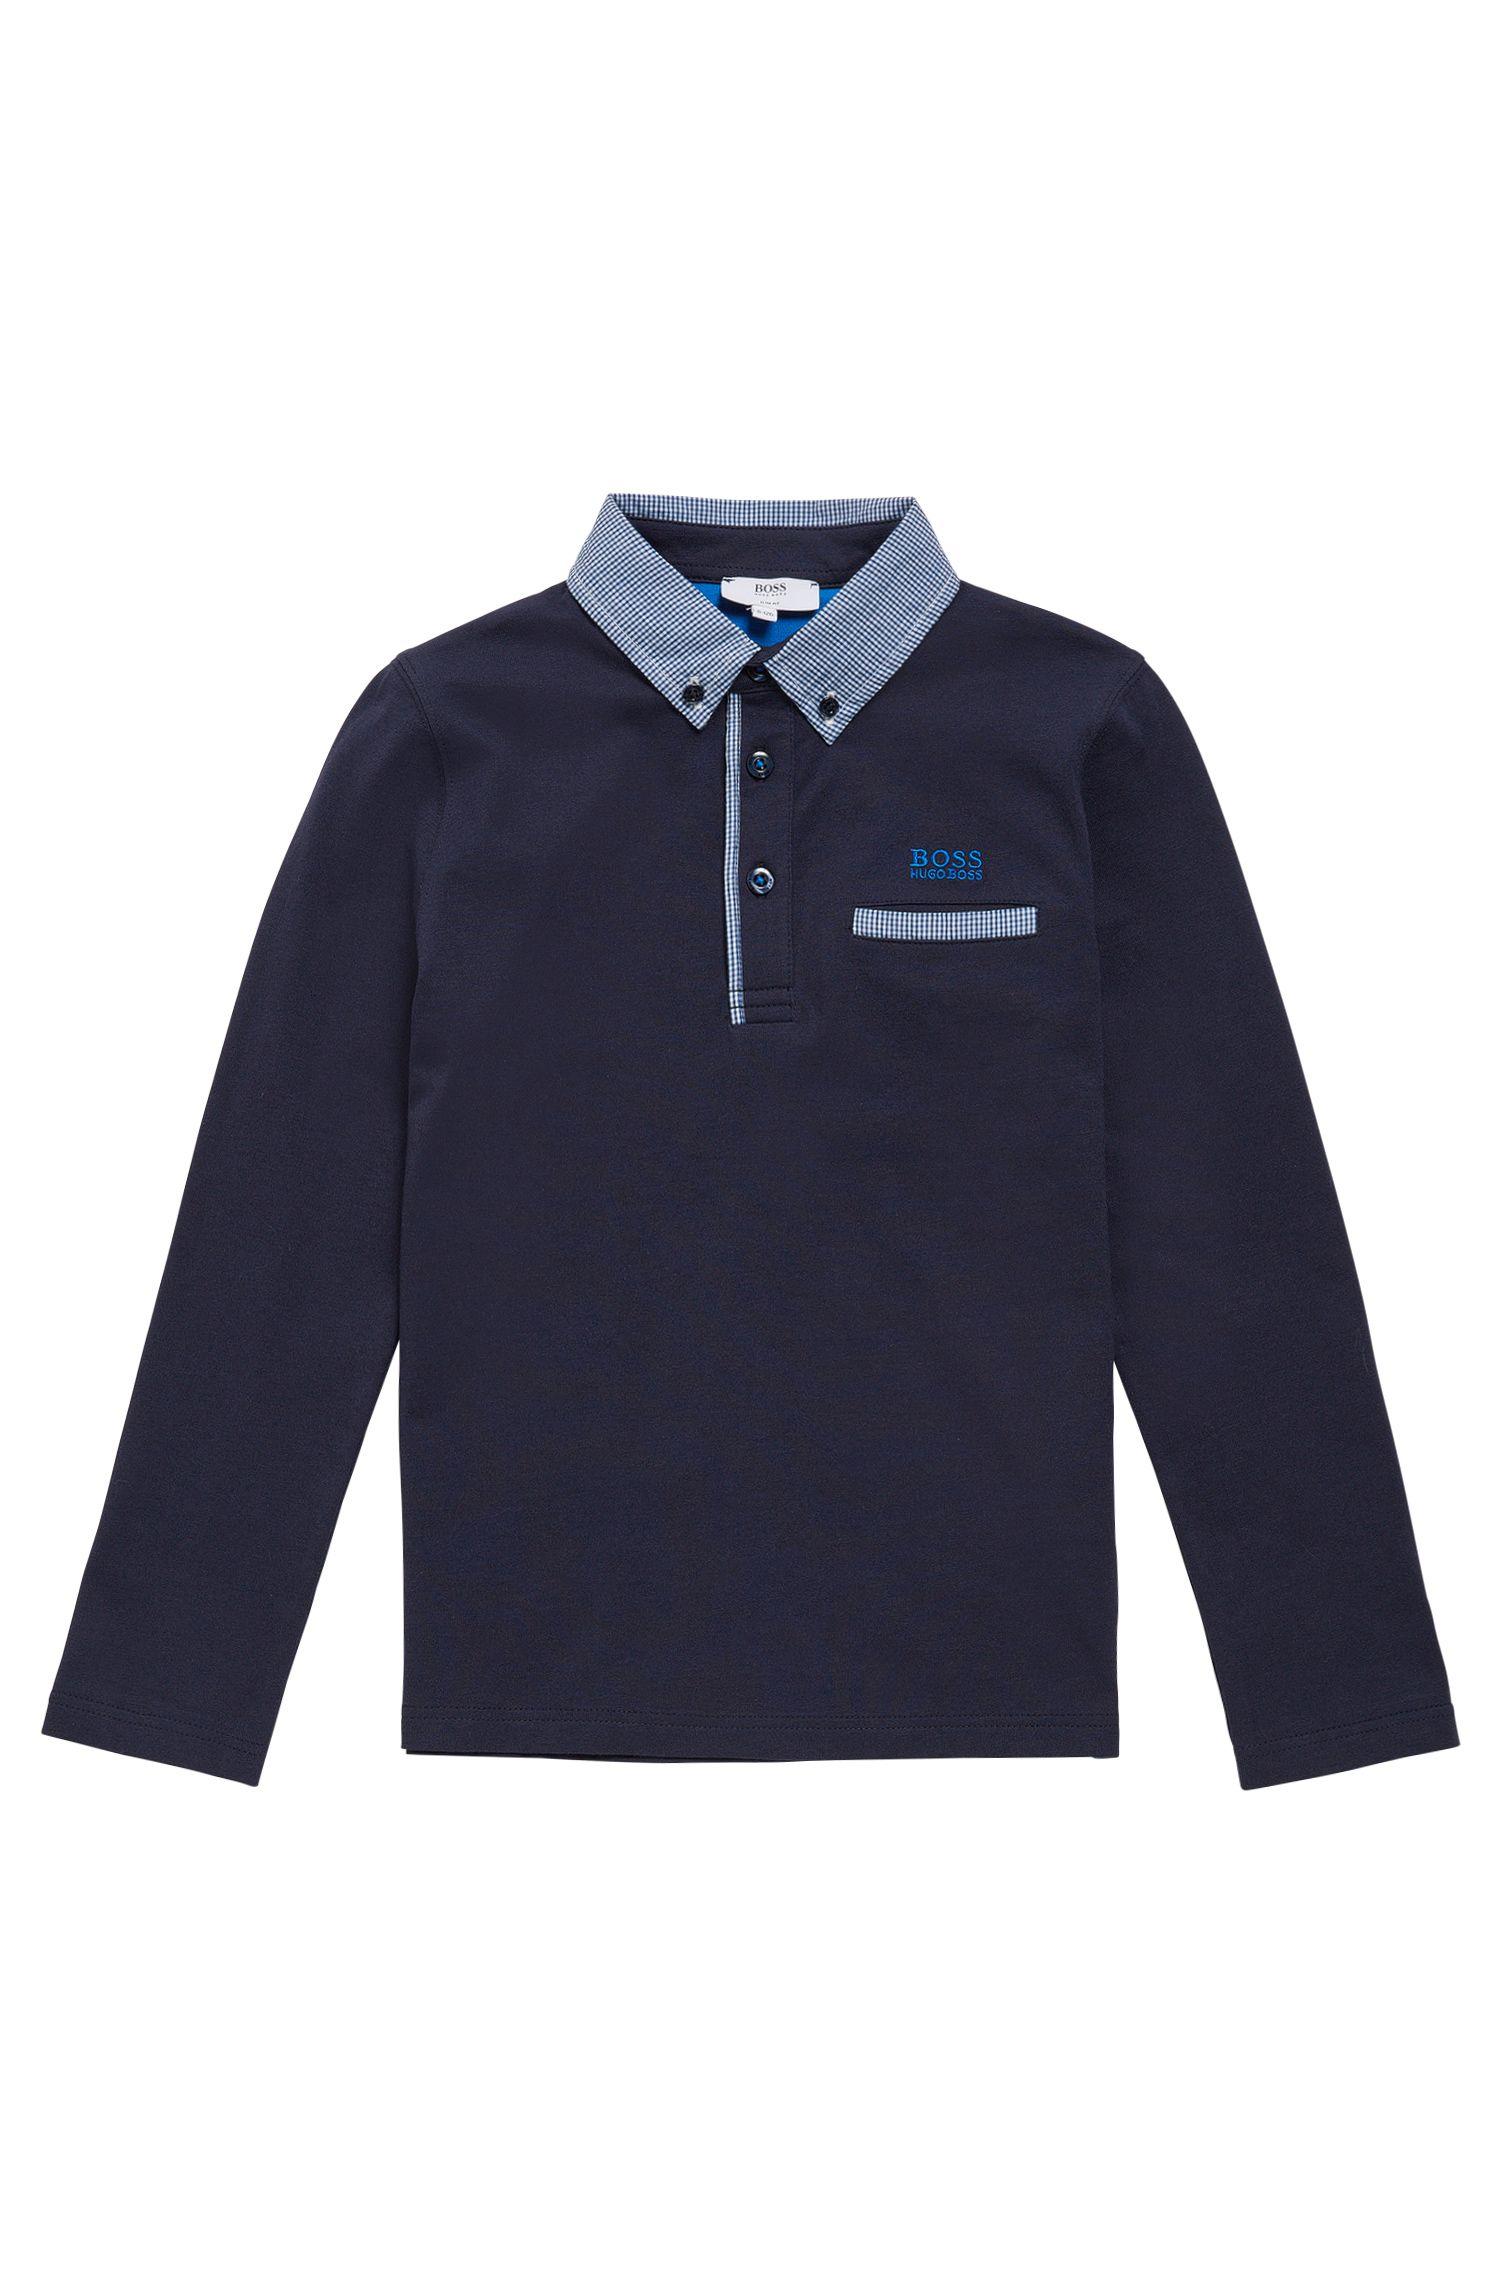 T-shirt à manches longues pour enfant en coton, à carreaux: «J25993»